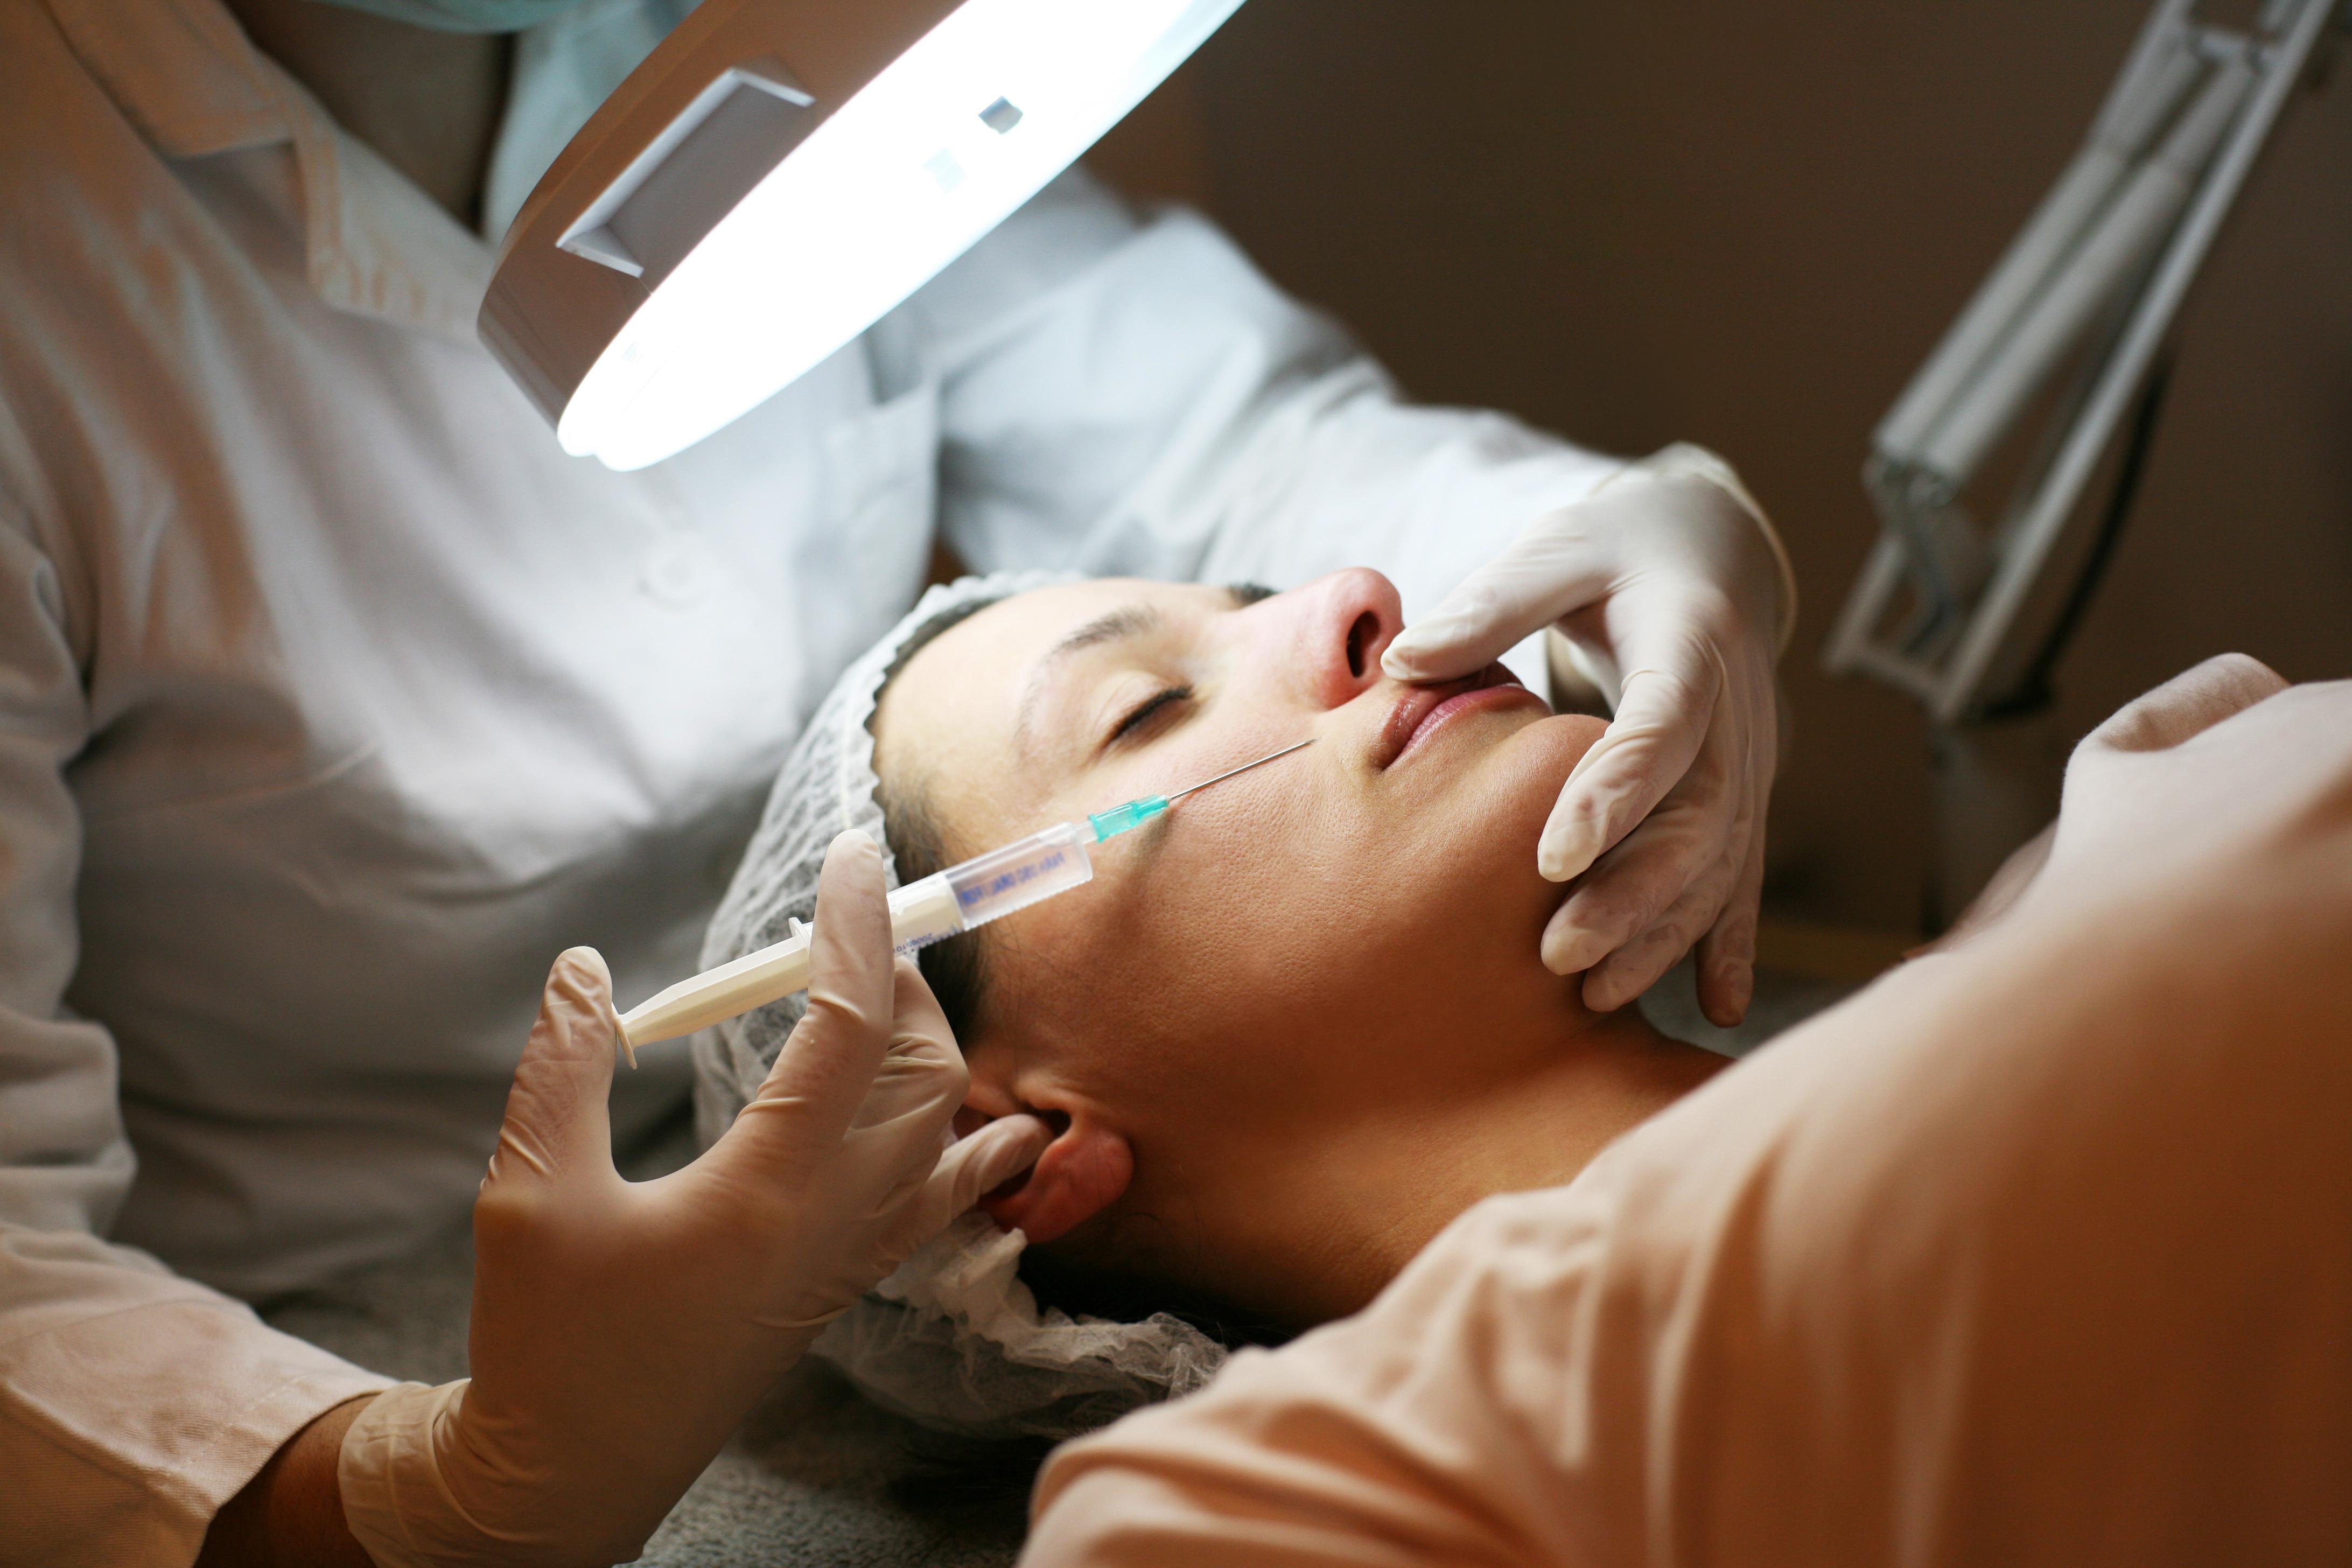 Gemensamt för de injektioner som kräver medicinsk kompetens är att de minst går igenom hudens alla lager.